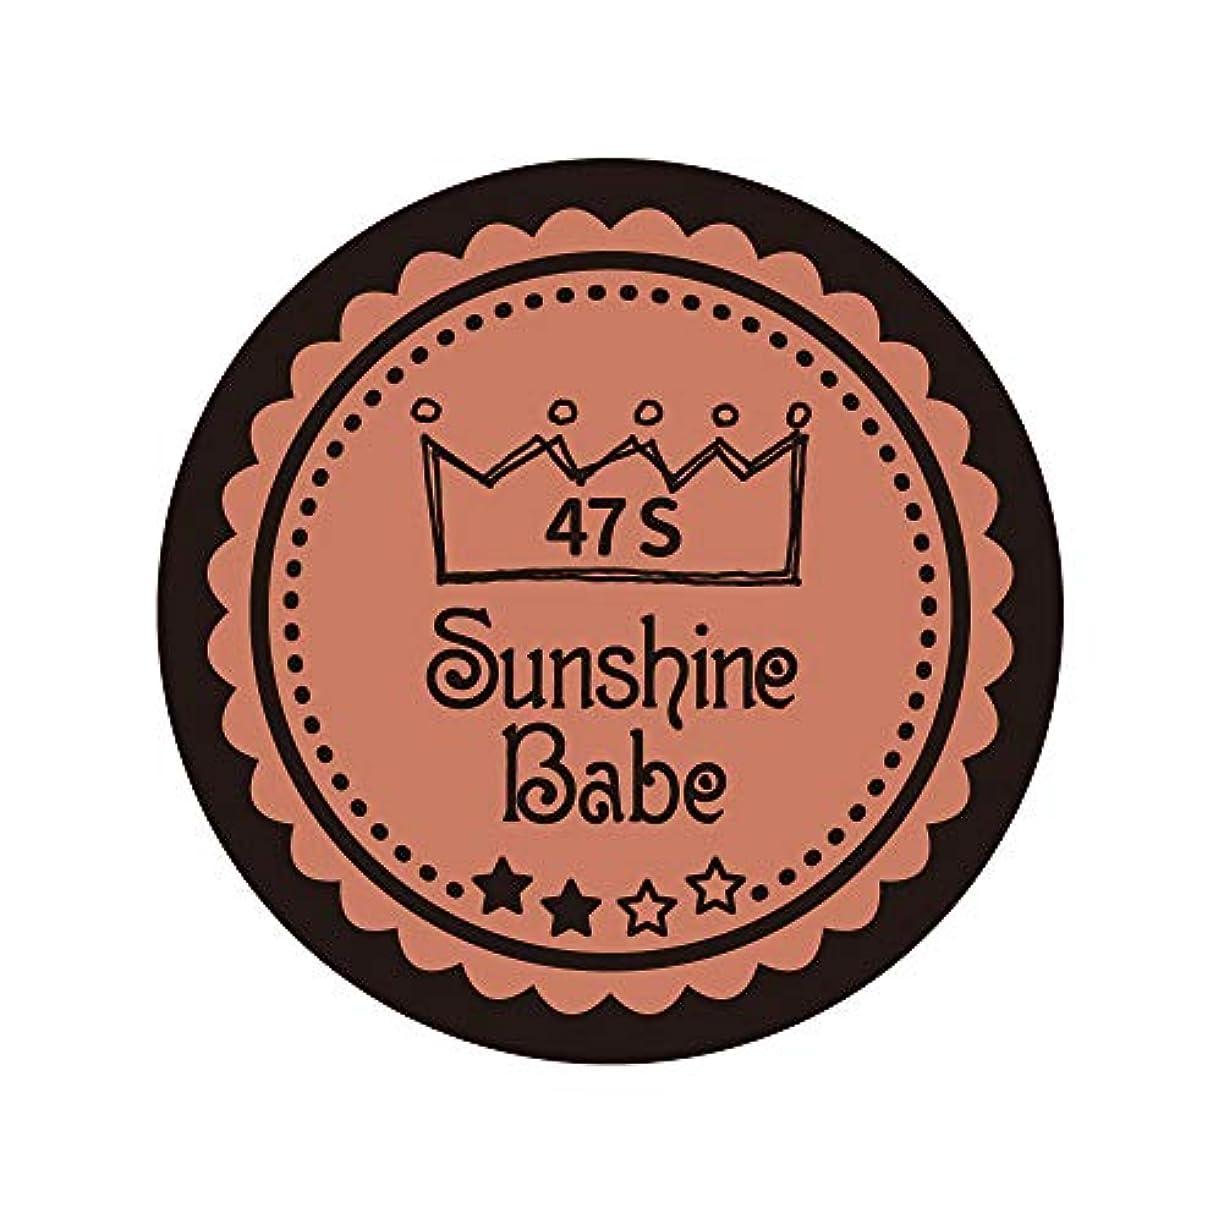 鈍いぐるぐる脚本家Sunshine Babe カラージェル 47S ピーチブラウン 4g UV/LED対応